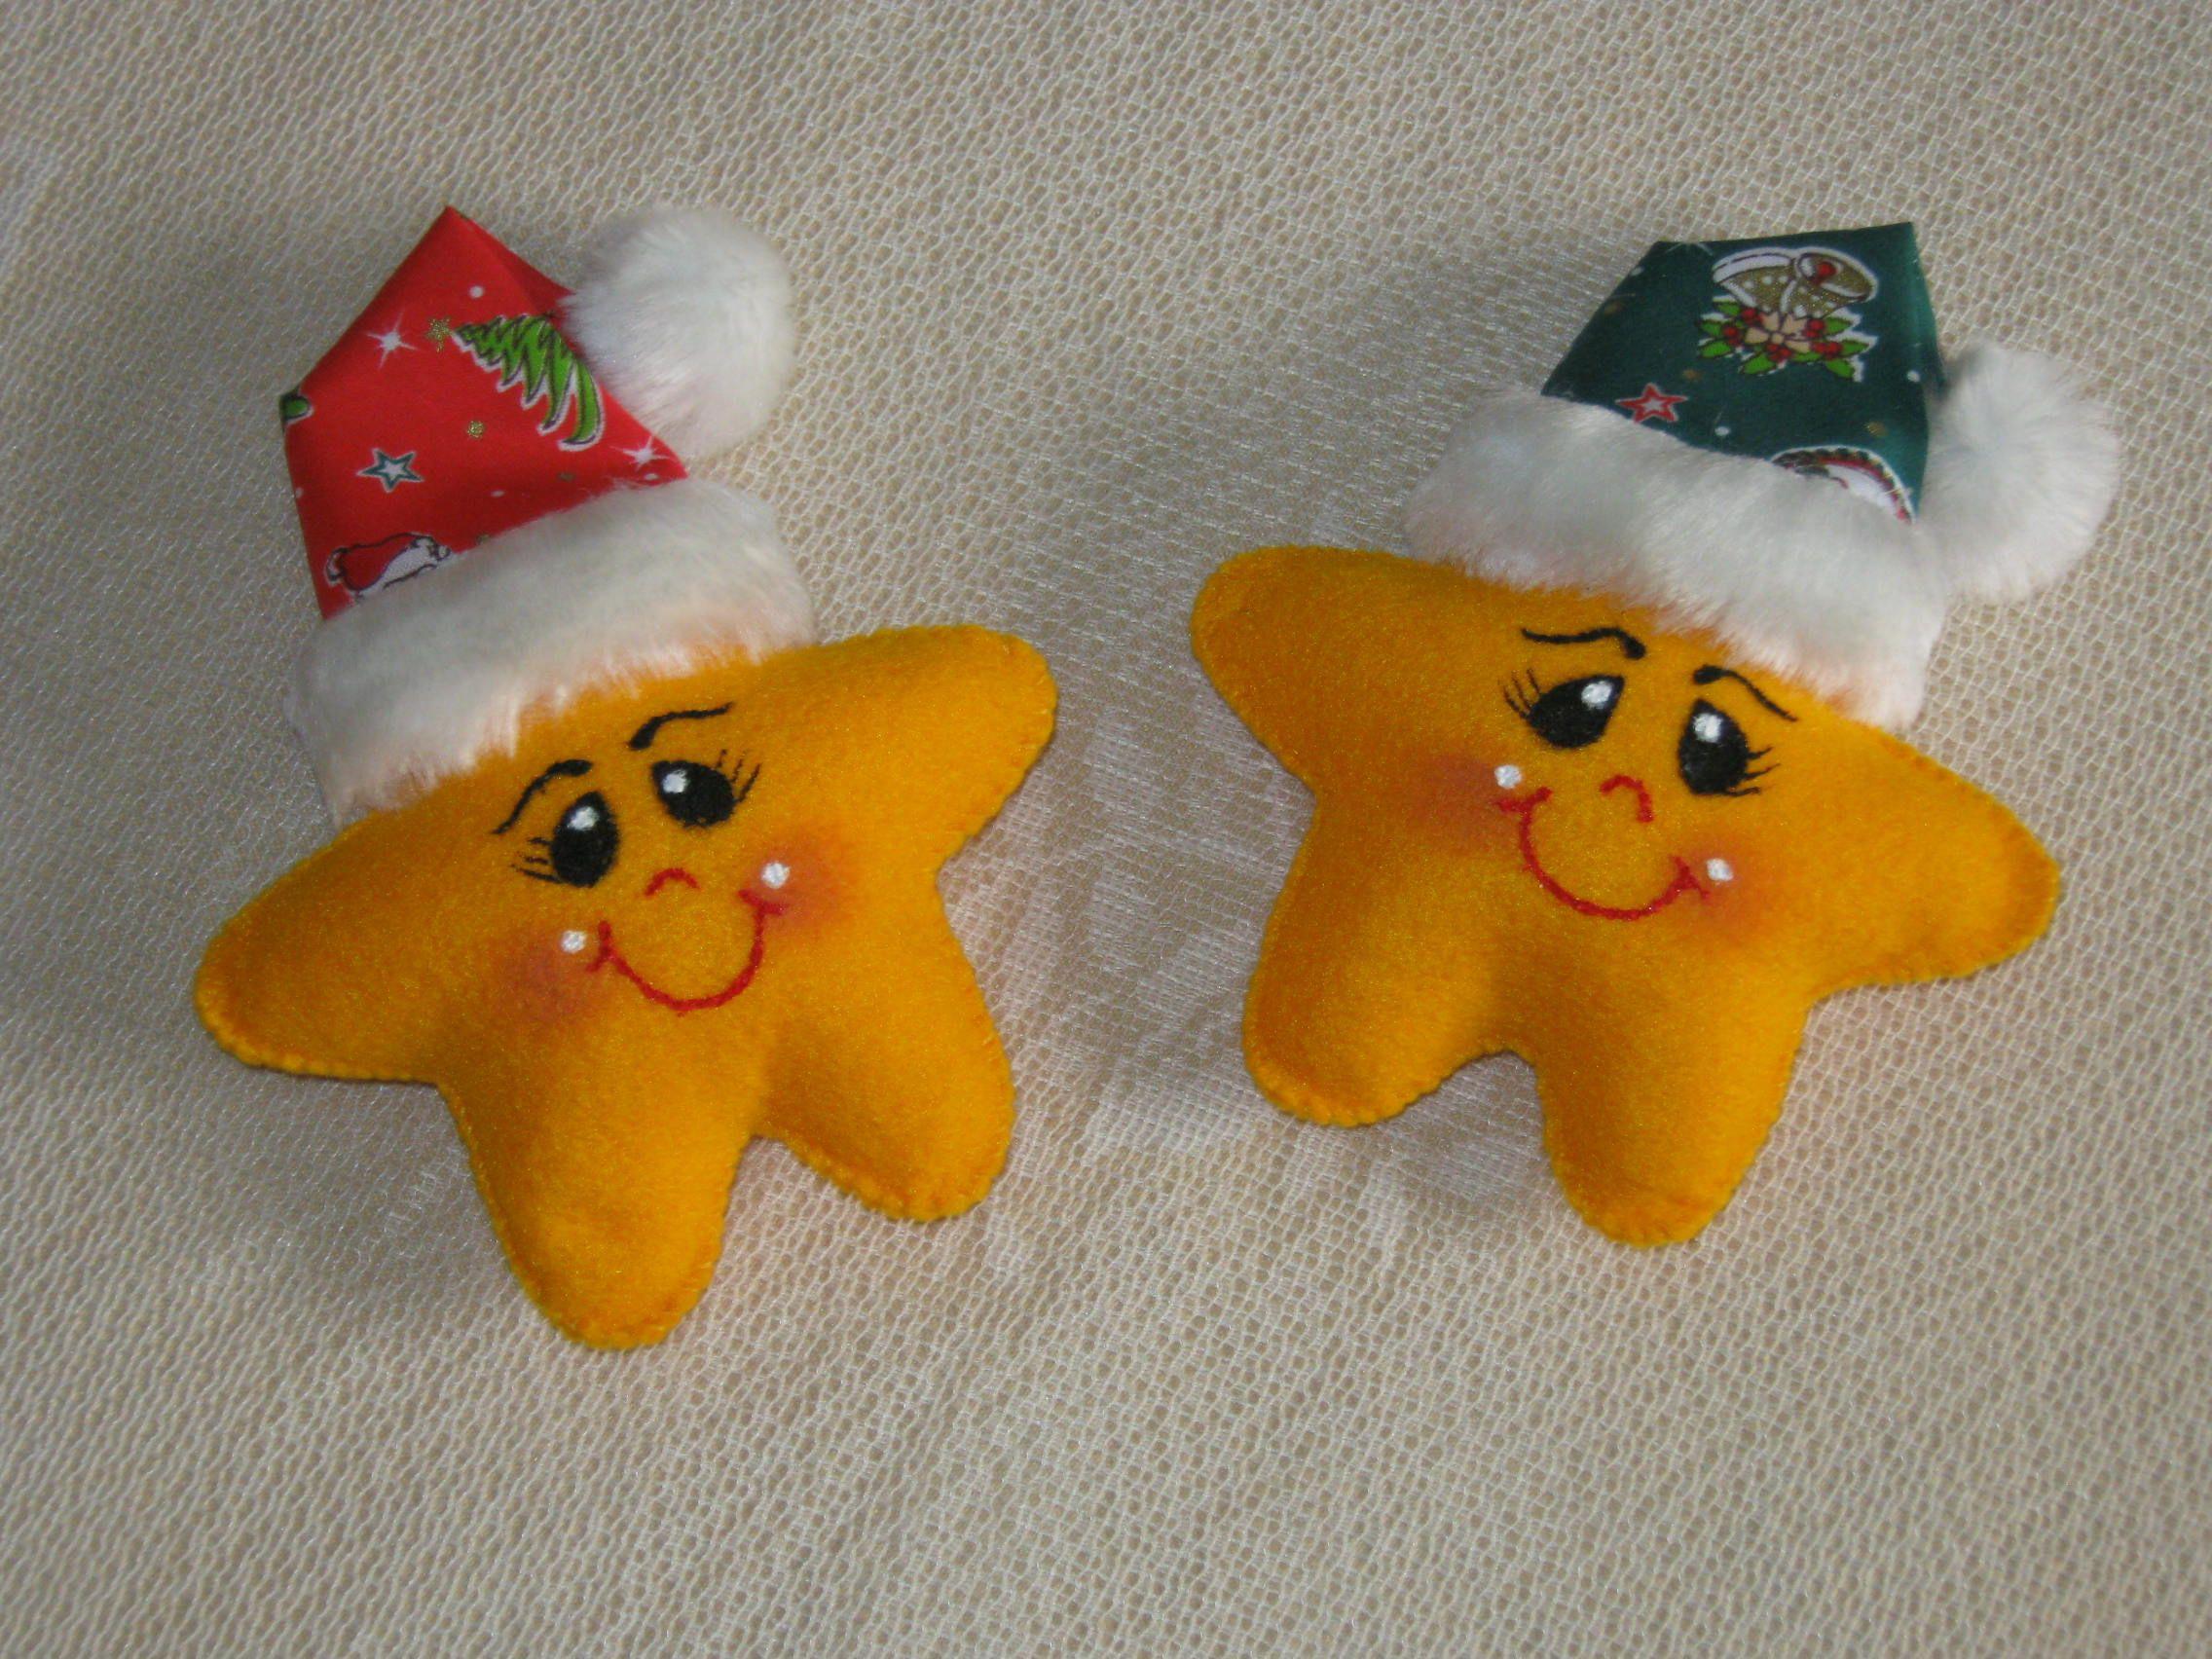 Dos estrellas navide as hechas con pa o lency con detalles